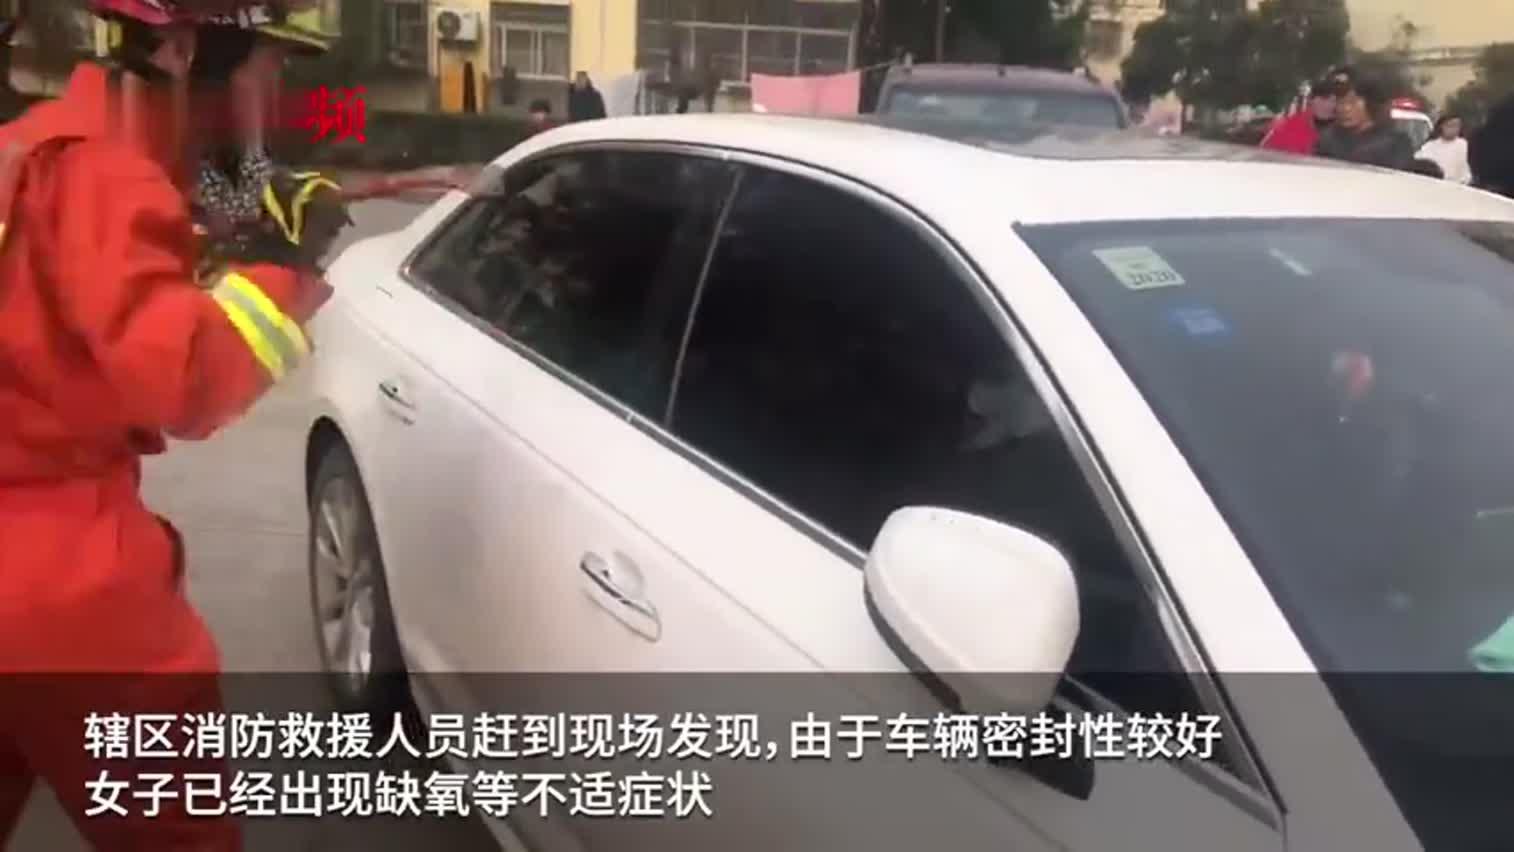 视频-安徽一女子被丈夫误锁车内 被救出时几乎窒息